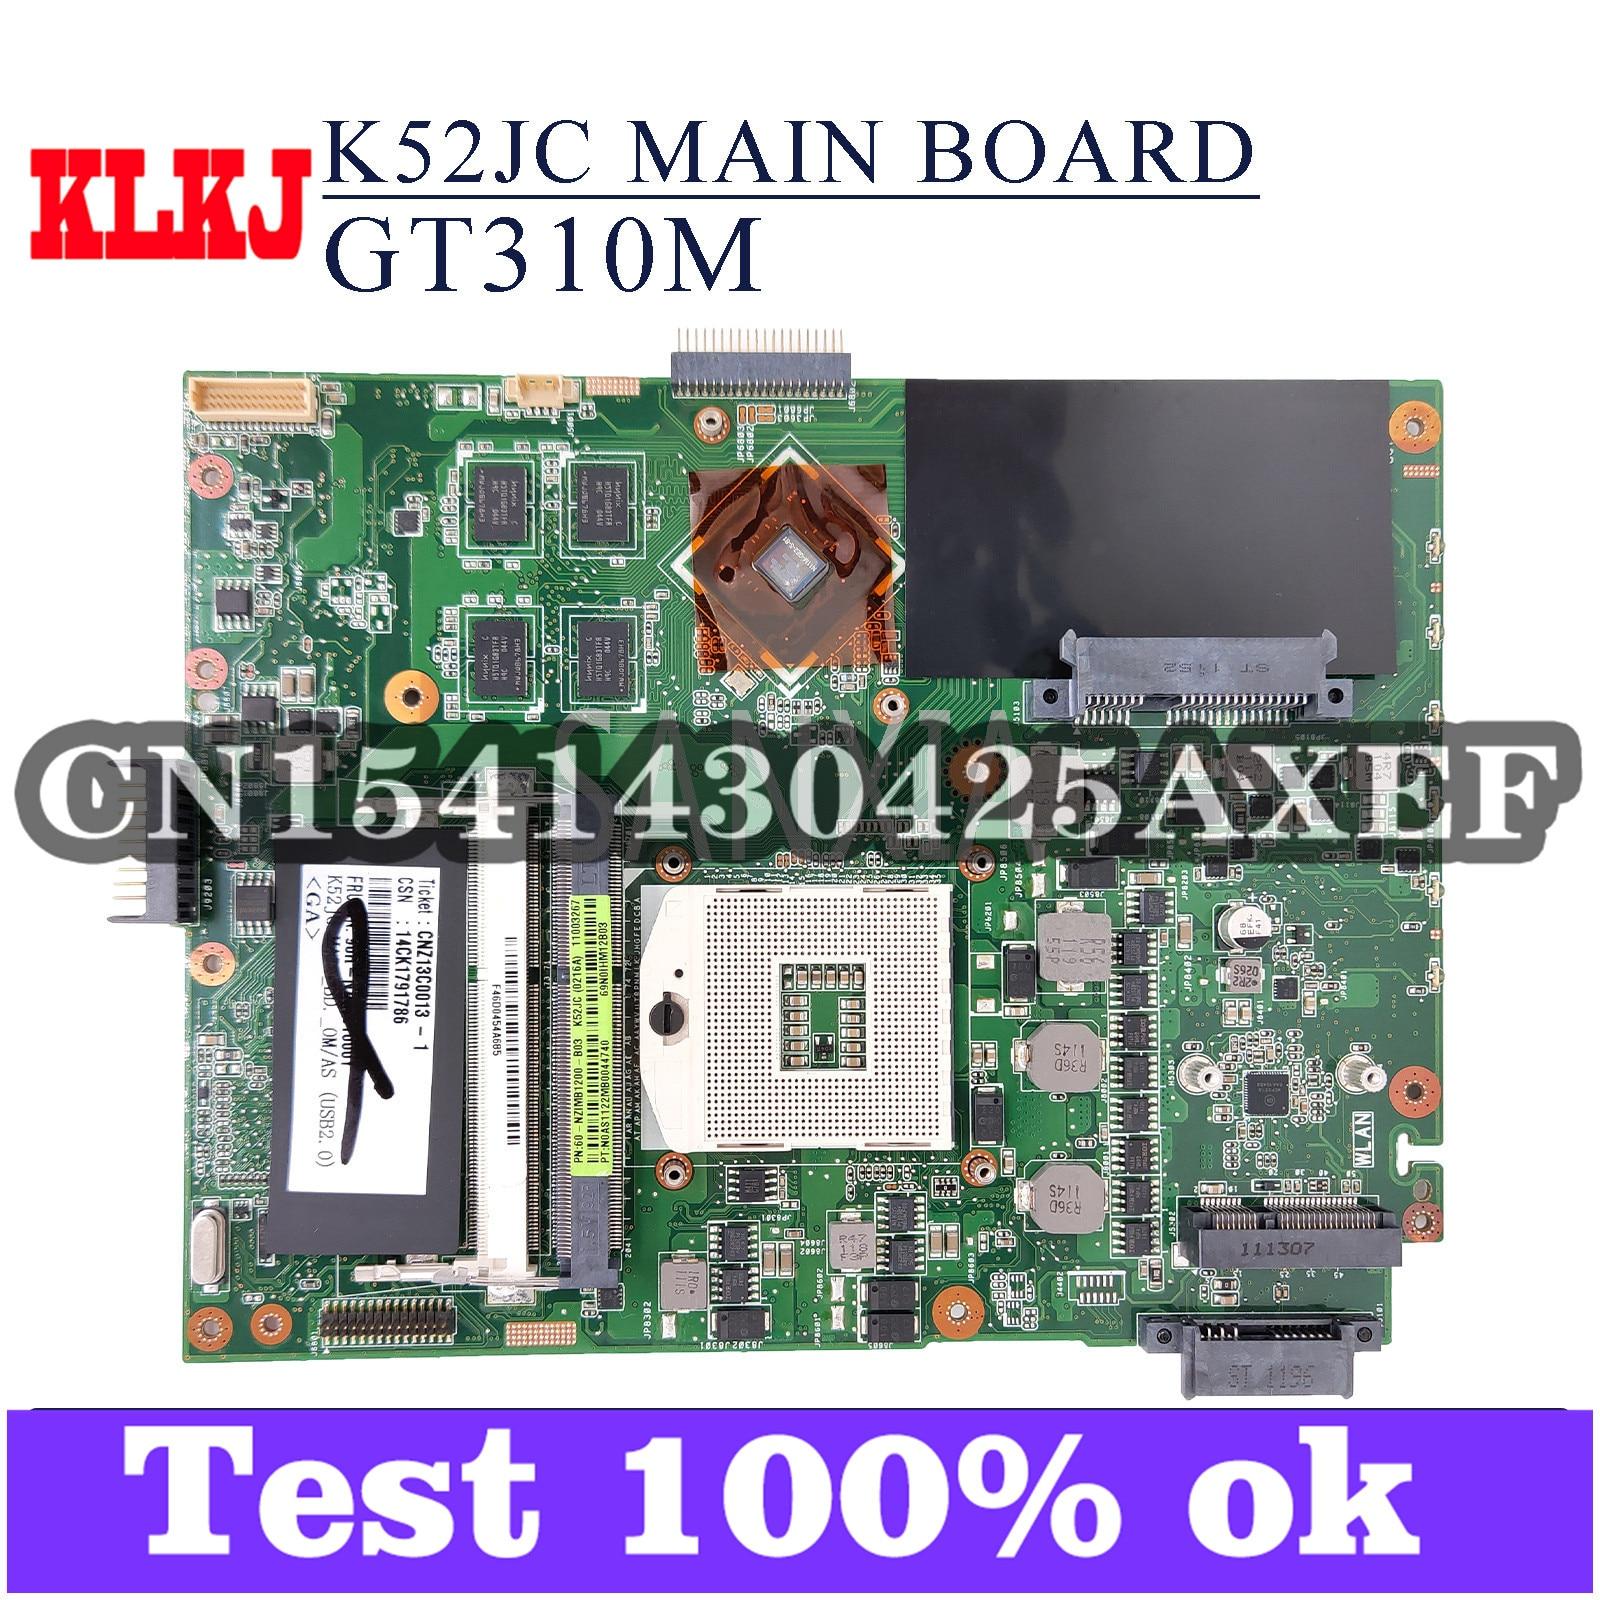 لوحة أم للكمبيوتر المحمول KLKJ K52JC لـ ASUS P52JC K52JT K52J P52J لوحة رئيسية أصلية GT310M